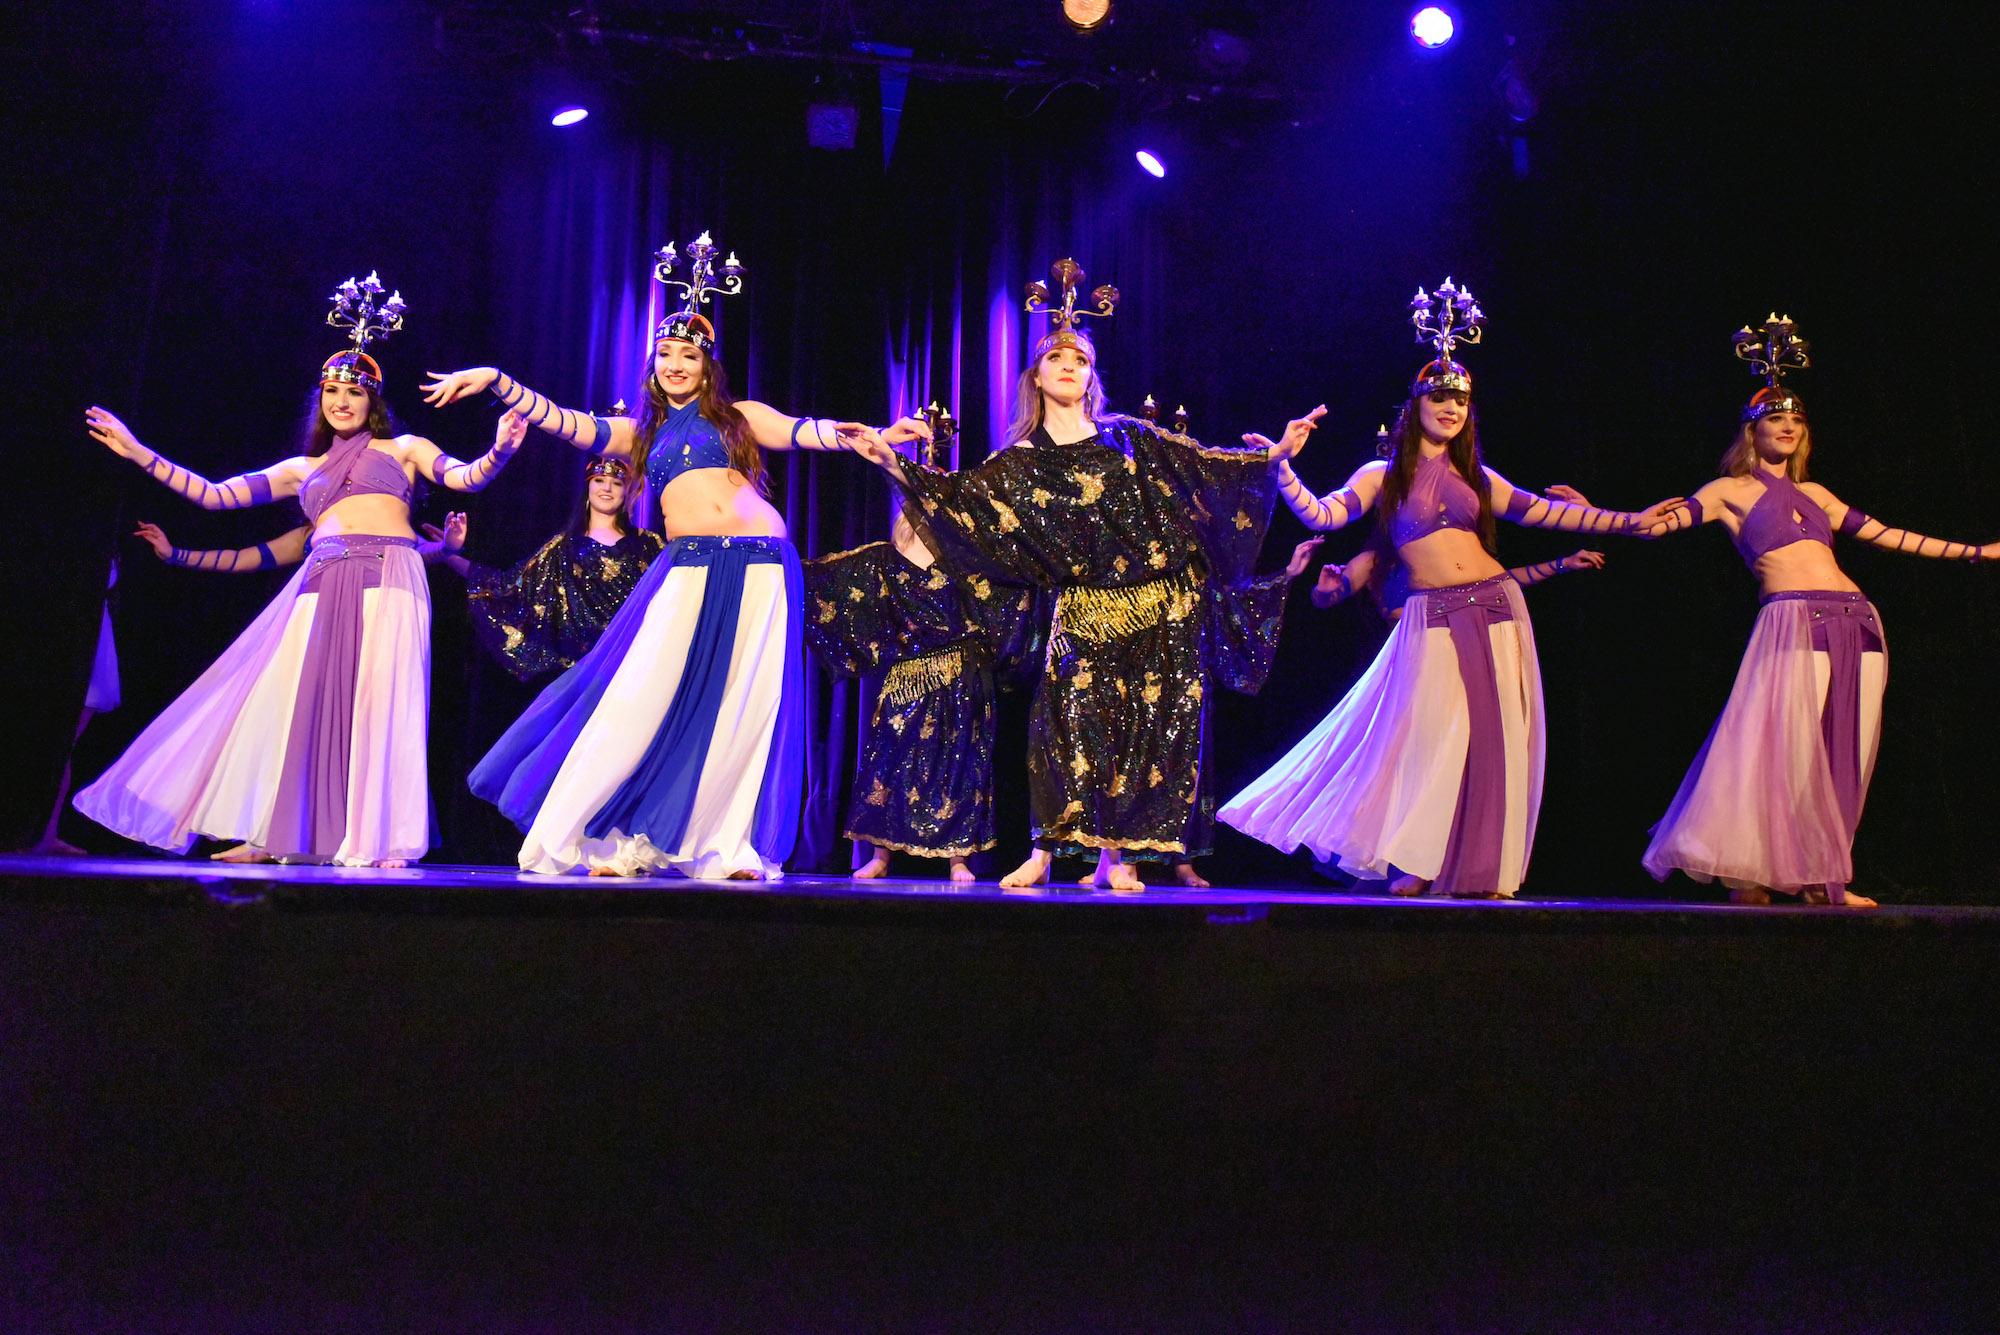 Compagnie Roses des Sables - spectacles - merveille - danse orientale chandeliers